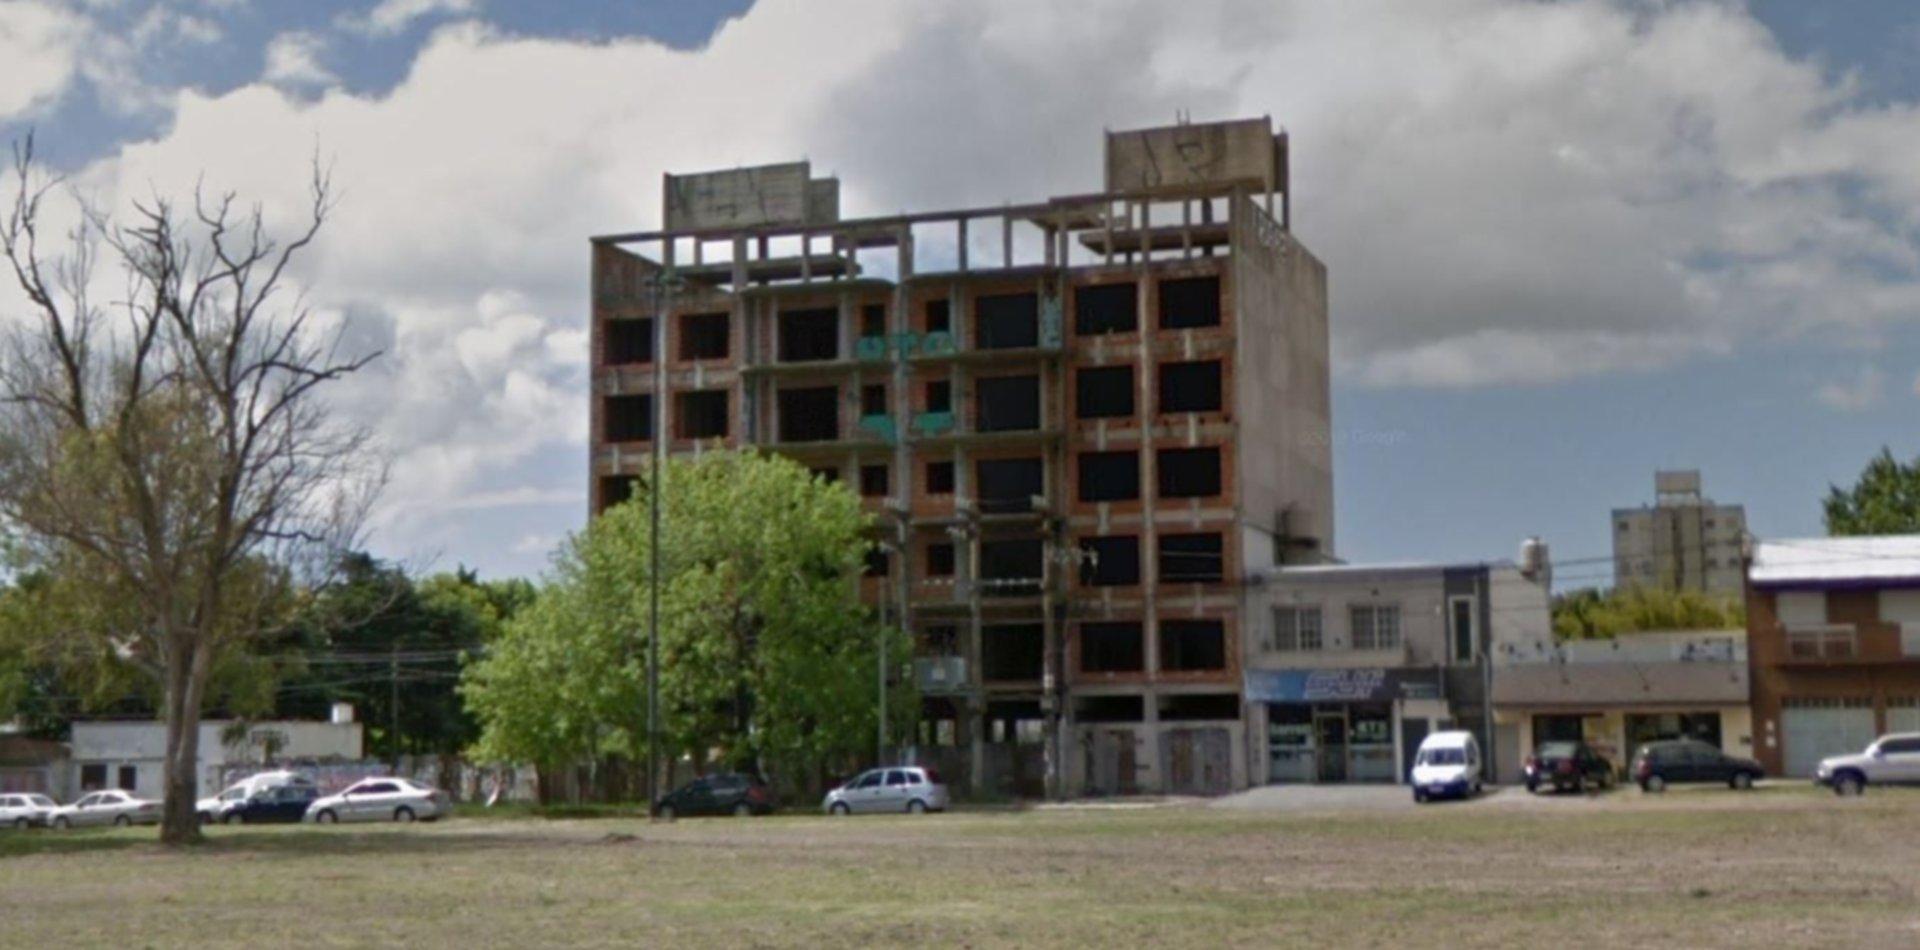 Se multiplican las denuncias contra el empresario acusado de estafas inmobiliarias en La Plata